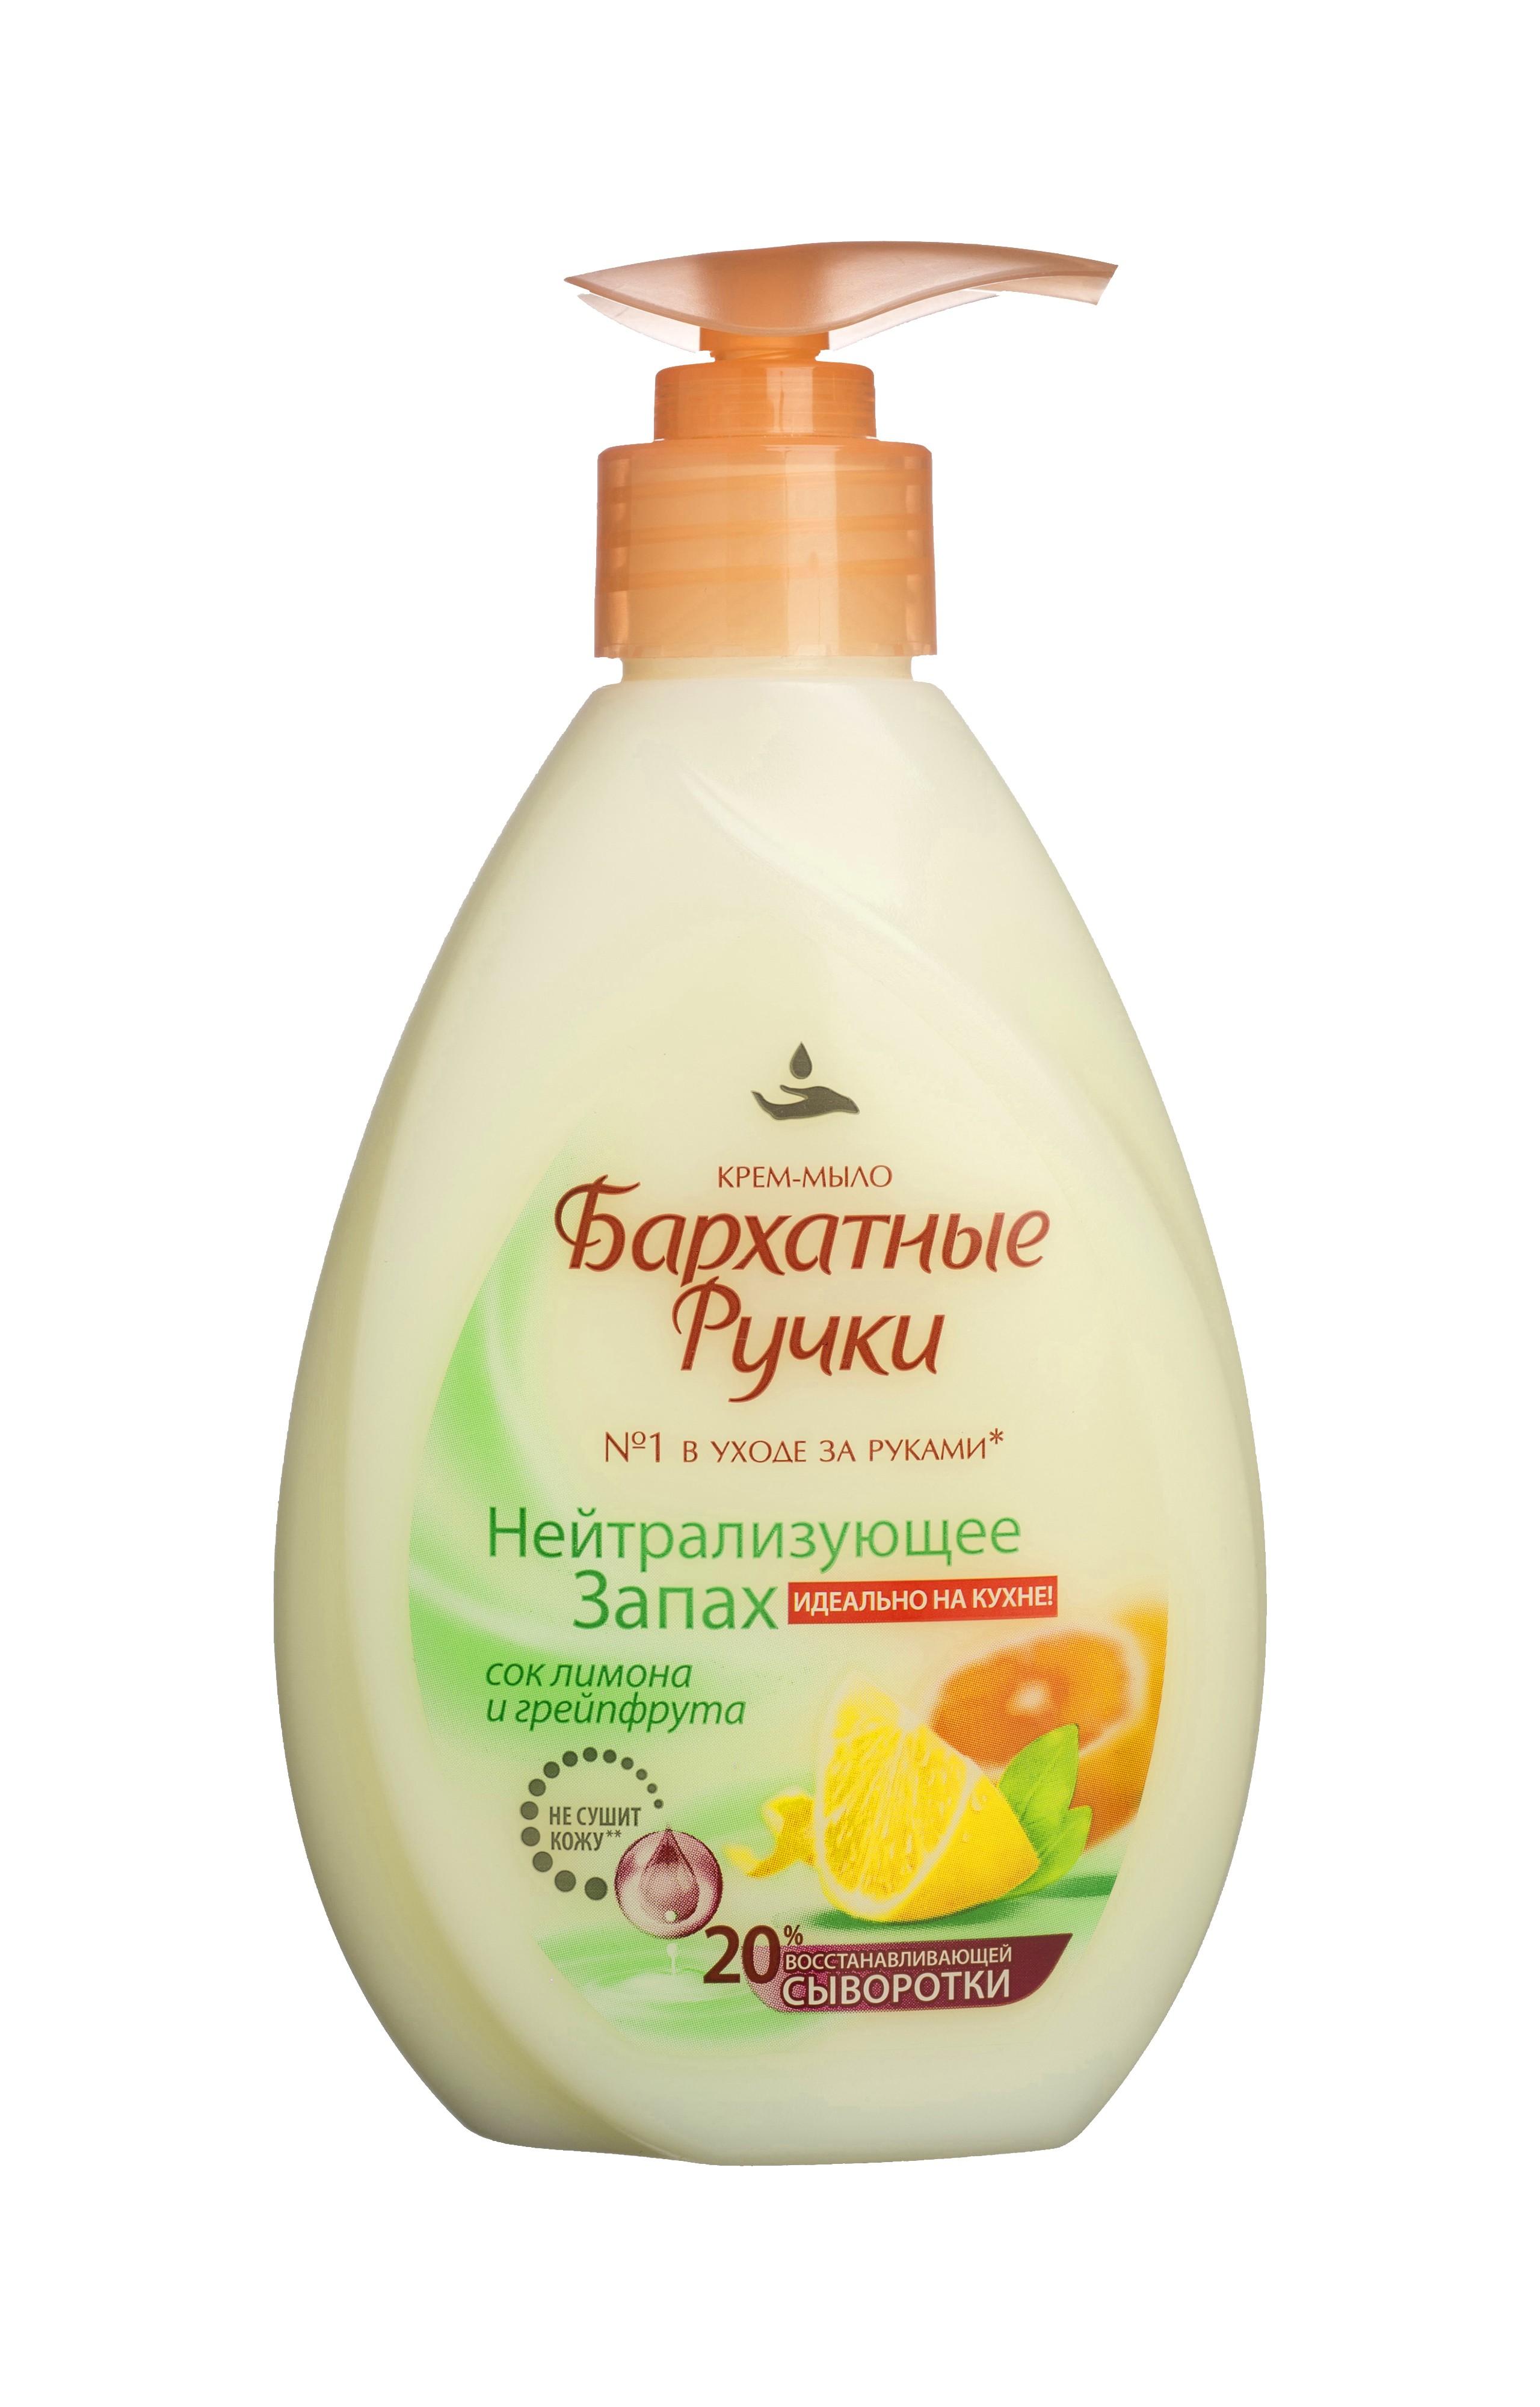 Бархатные Ручки Крем-мыло Нейтрализующее запах 240 мл1107111942Эффективно очищает и нейтрализует неприятные запахи. Идеально на кухне. Эксперты в уходе за руками создали особую формулу крем – мыла. Крем-мыло на 20 % состоит из восстанавливающей сыворотки и превращает мытье рук в уход за руками! Не содержит красителей. Соответствует естественному уровню pH кожи.